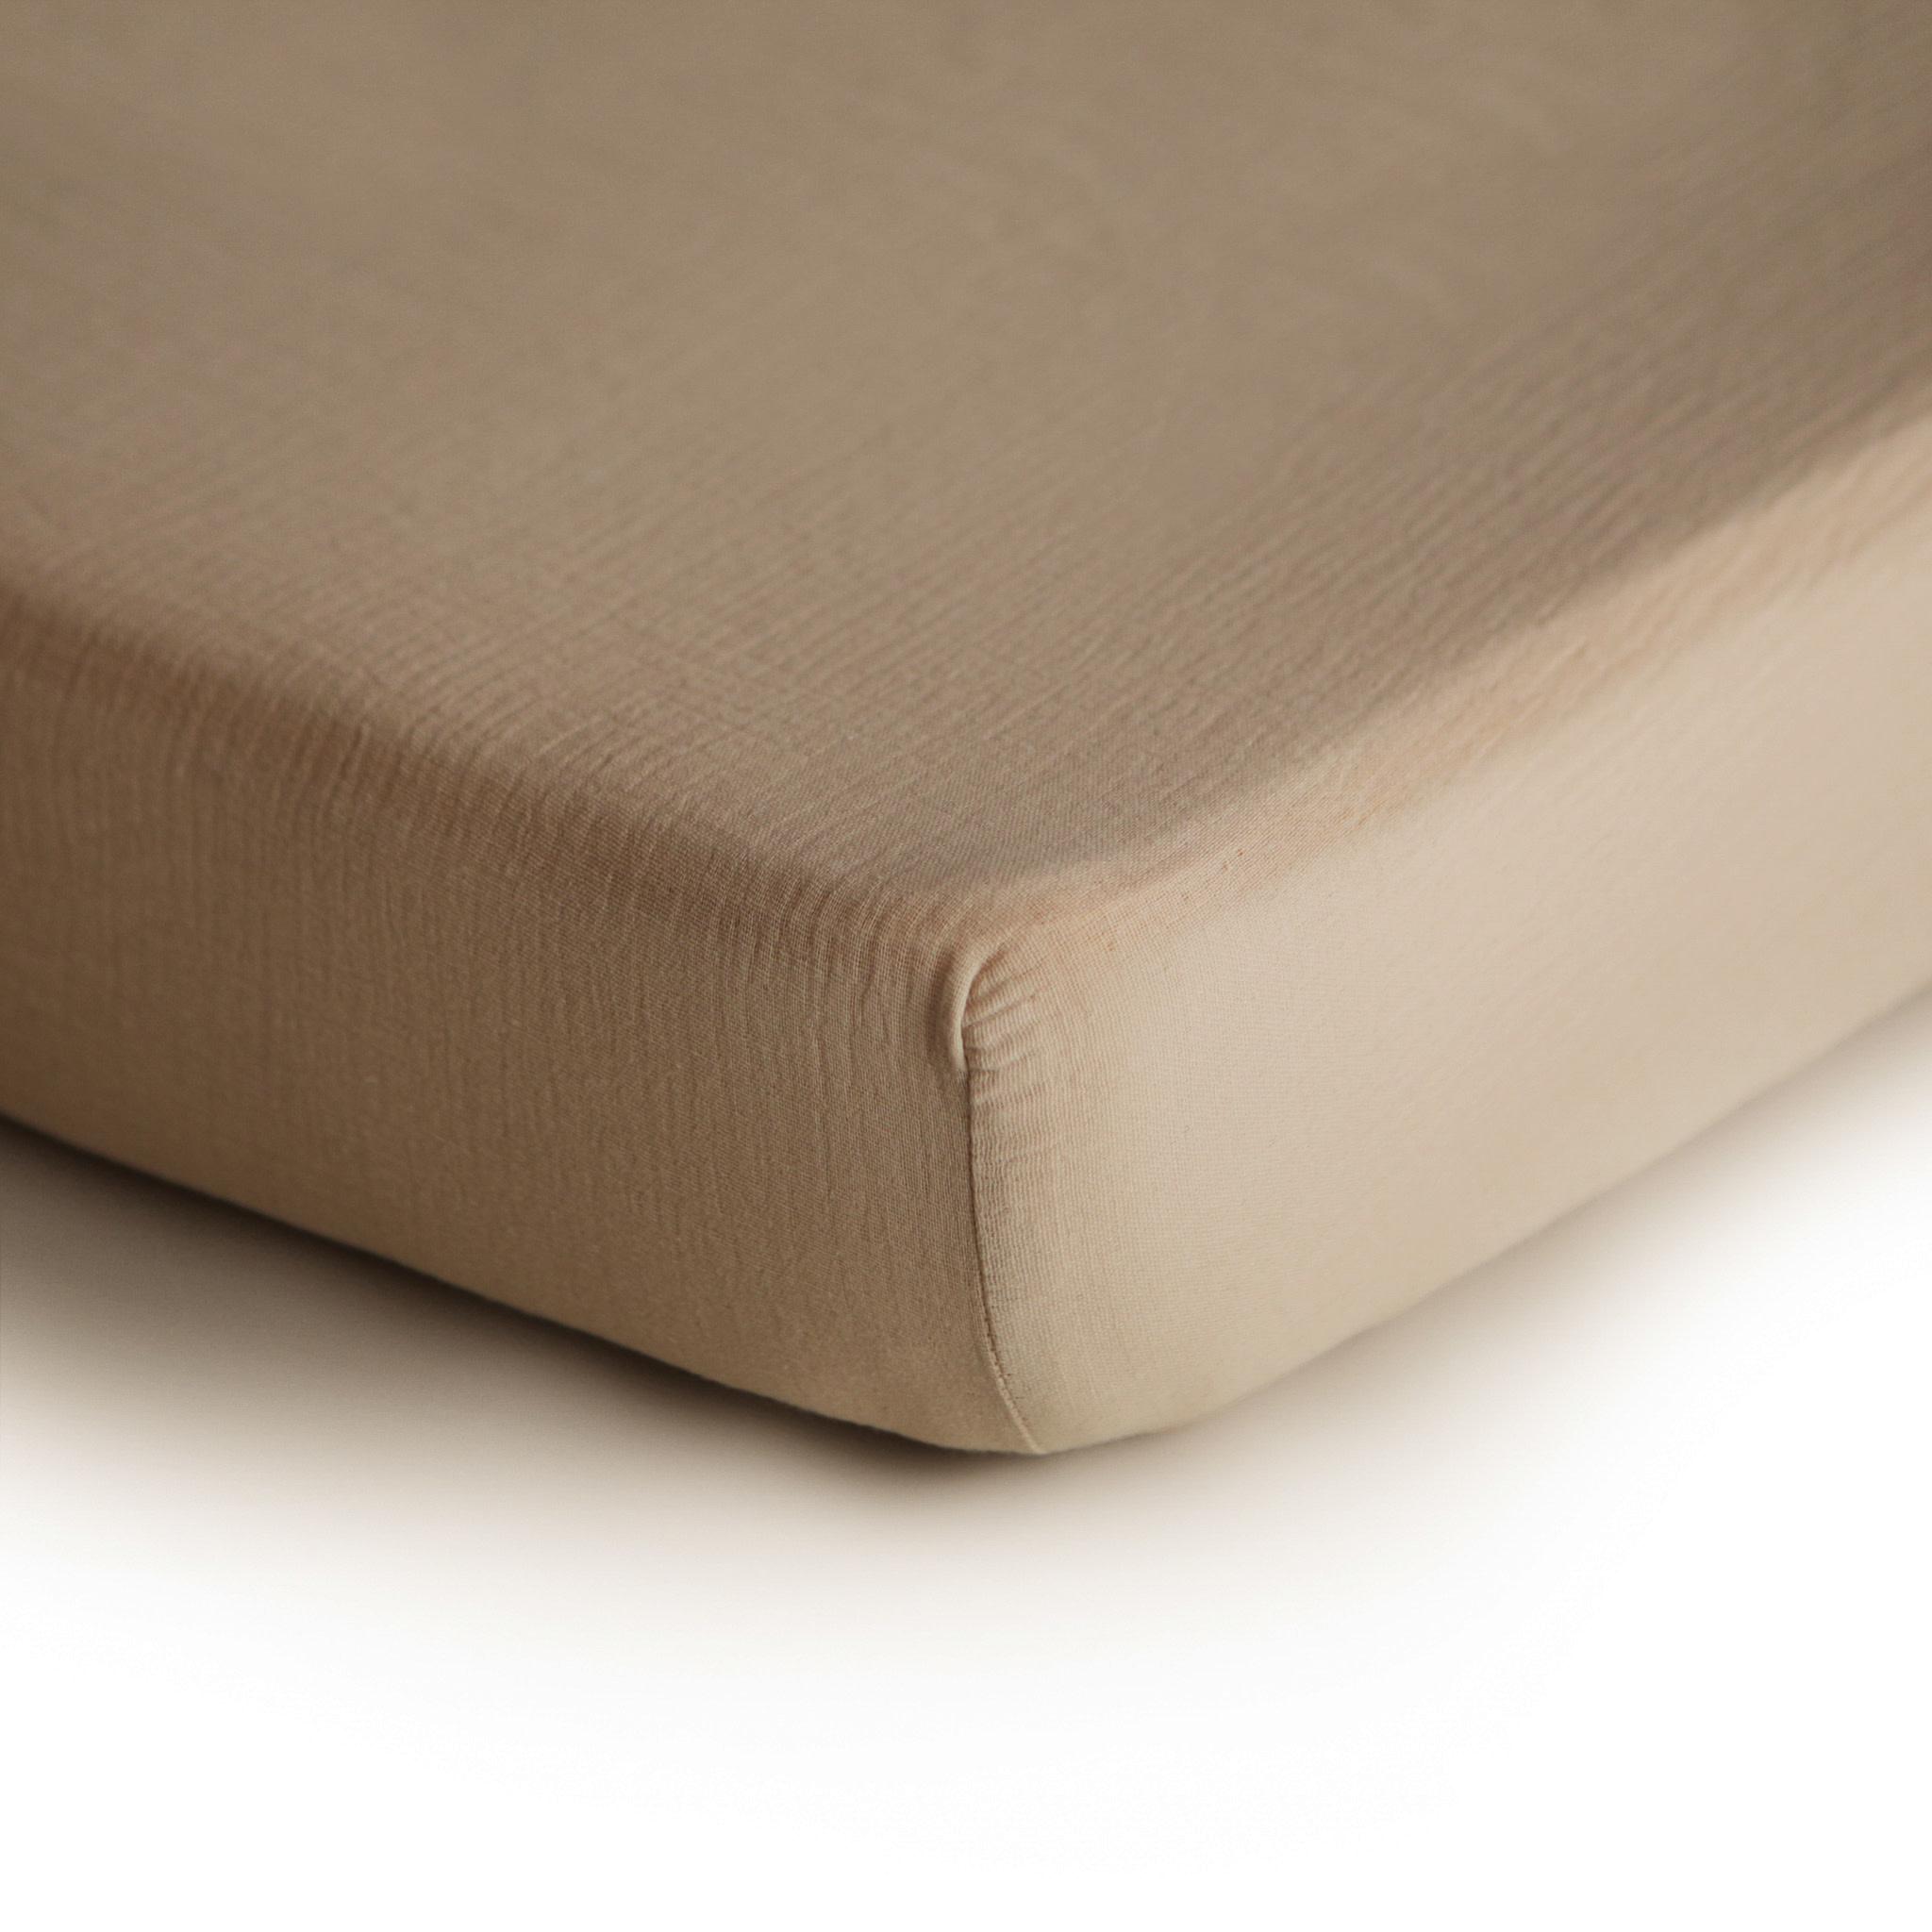 Crib sheet natural-2